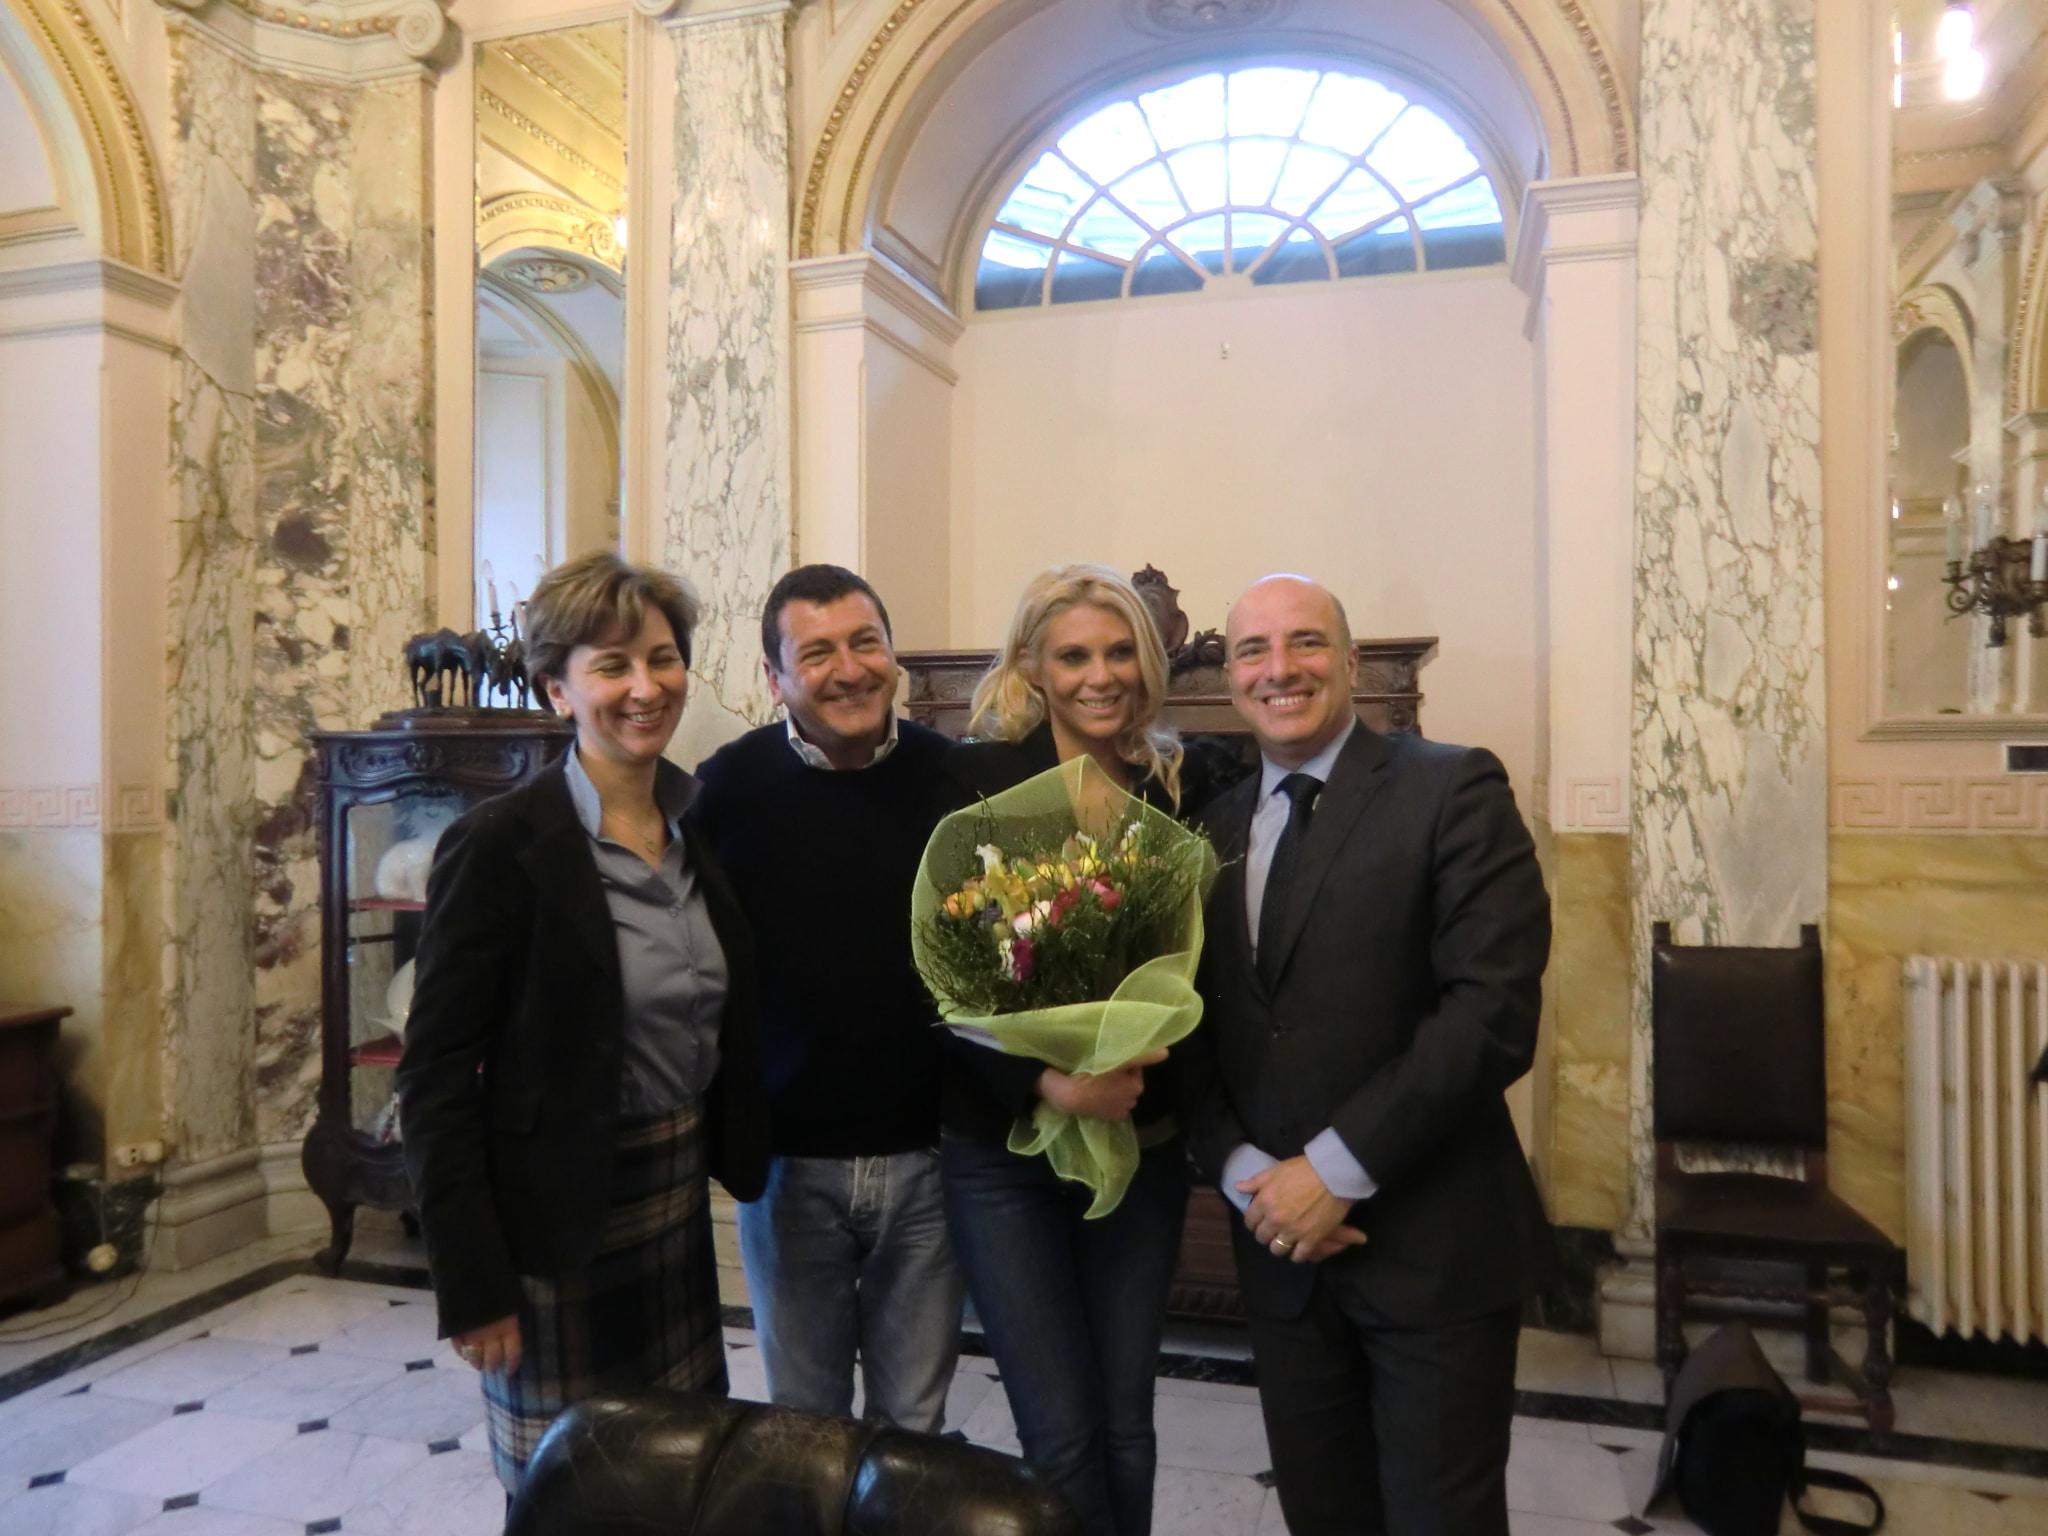 Domani Rai1 ritornerà a Sanremo, e lo farà con Linea Verde che trasmetterà – in diretta a partire dalle 12,20 – il tradizionale 'Corso Fiorito. Eleonora Daniele e Fabrizio Gatta,…